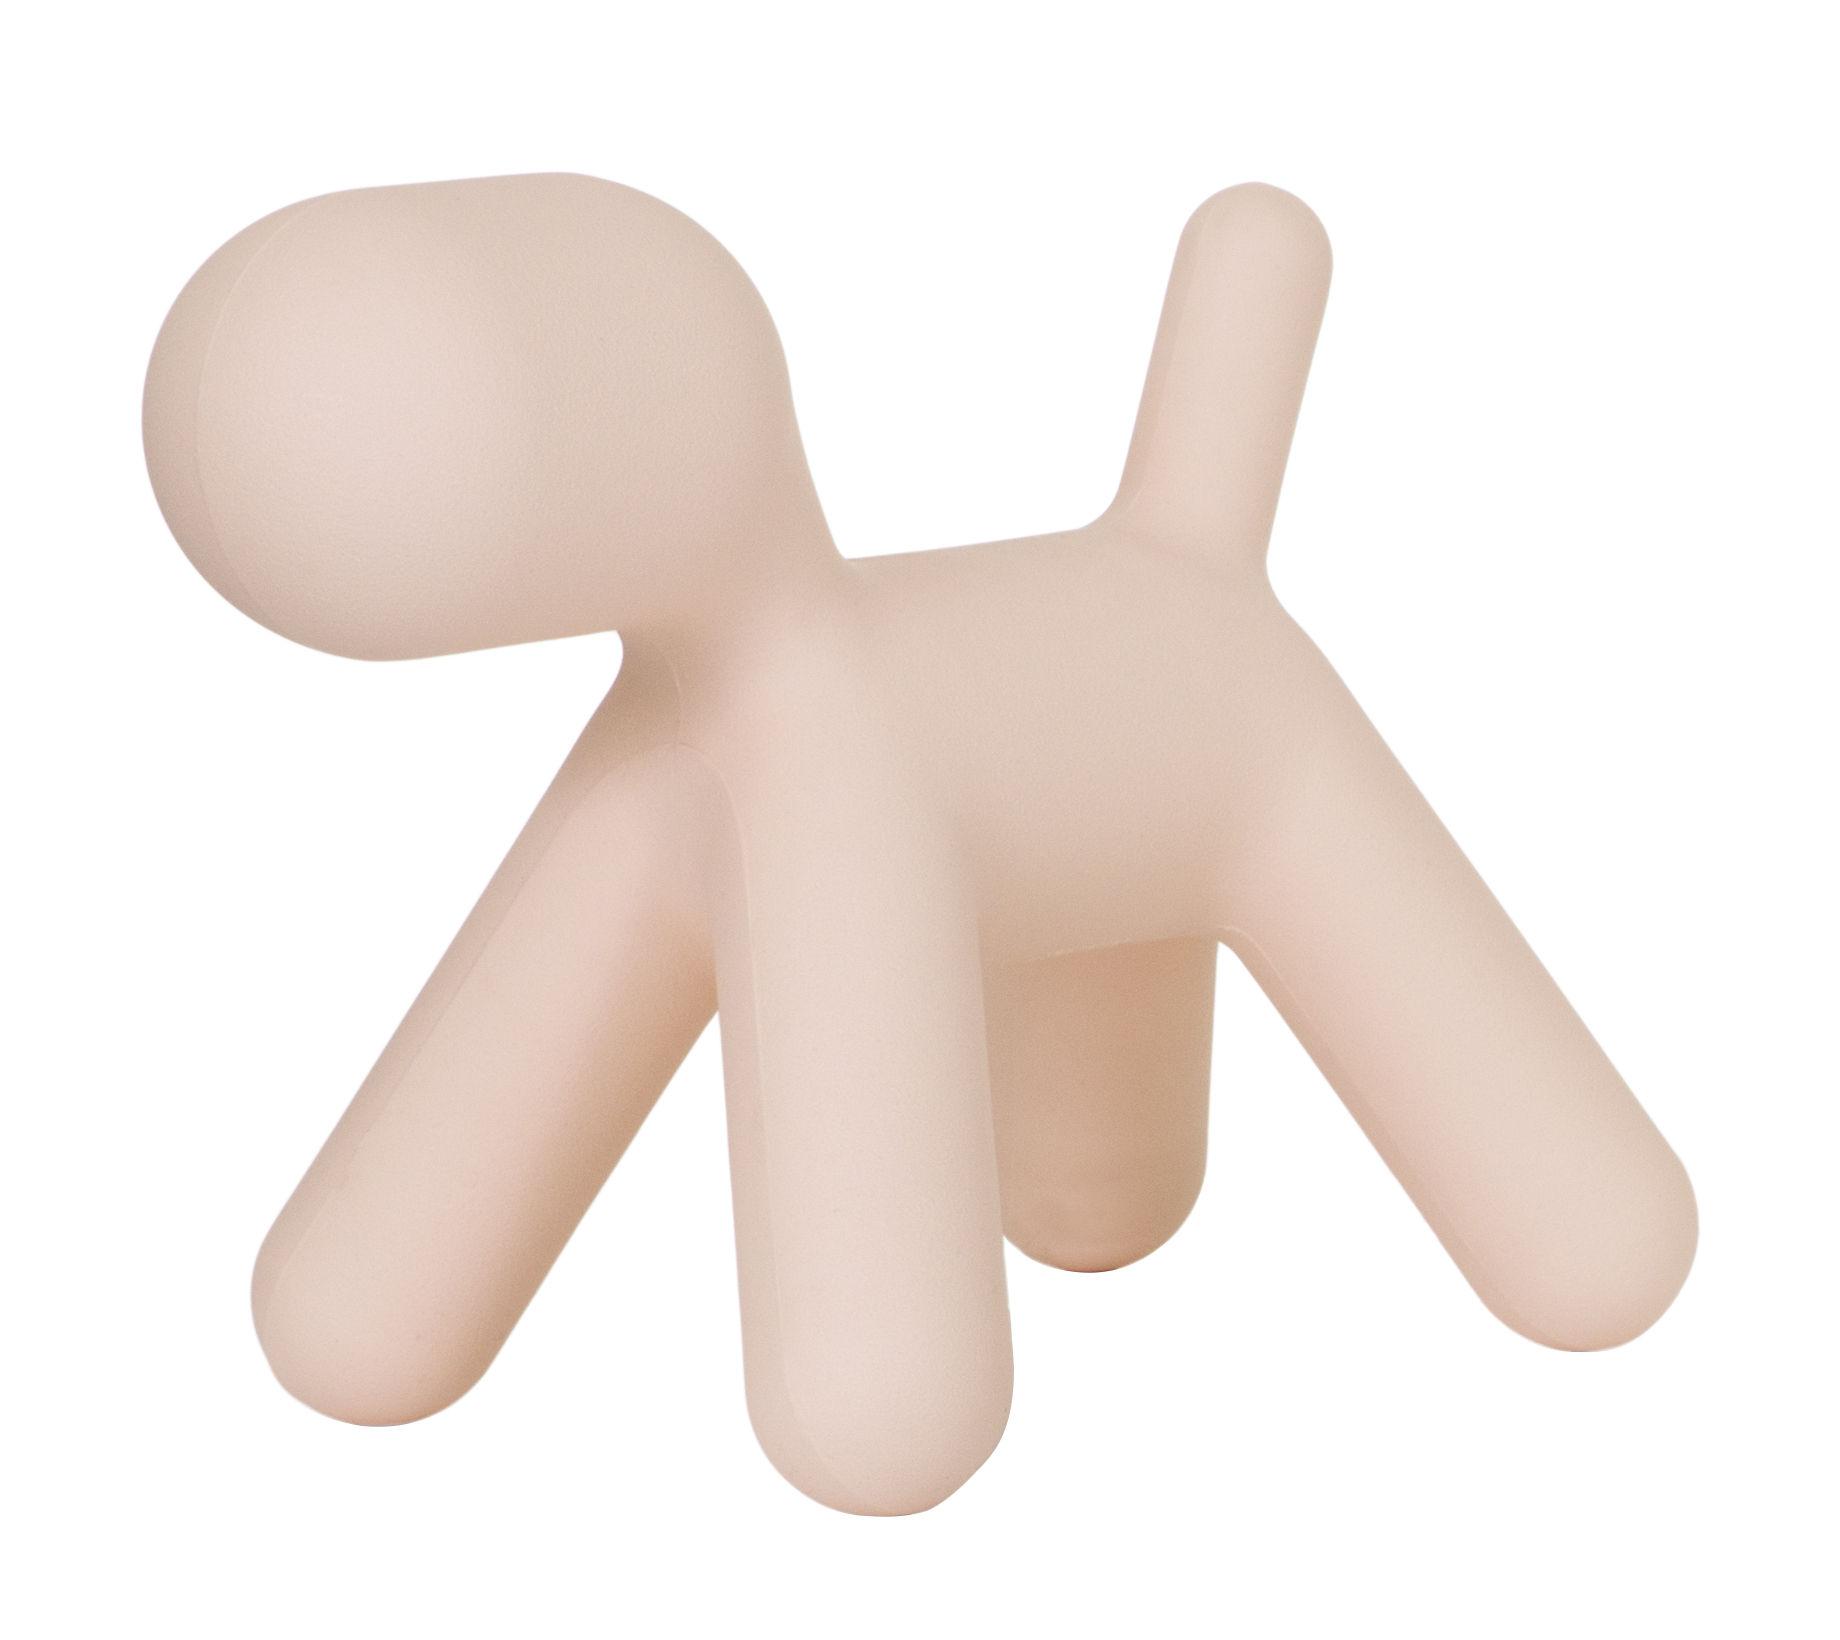 Mobilier - Mobilier Kids - Décoration Puppy Medium / L 56 cm - Magis Collection Me Too - Rose mat - Polyéthylène rotomoulé